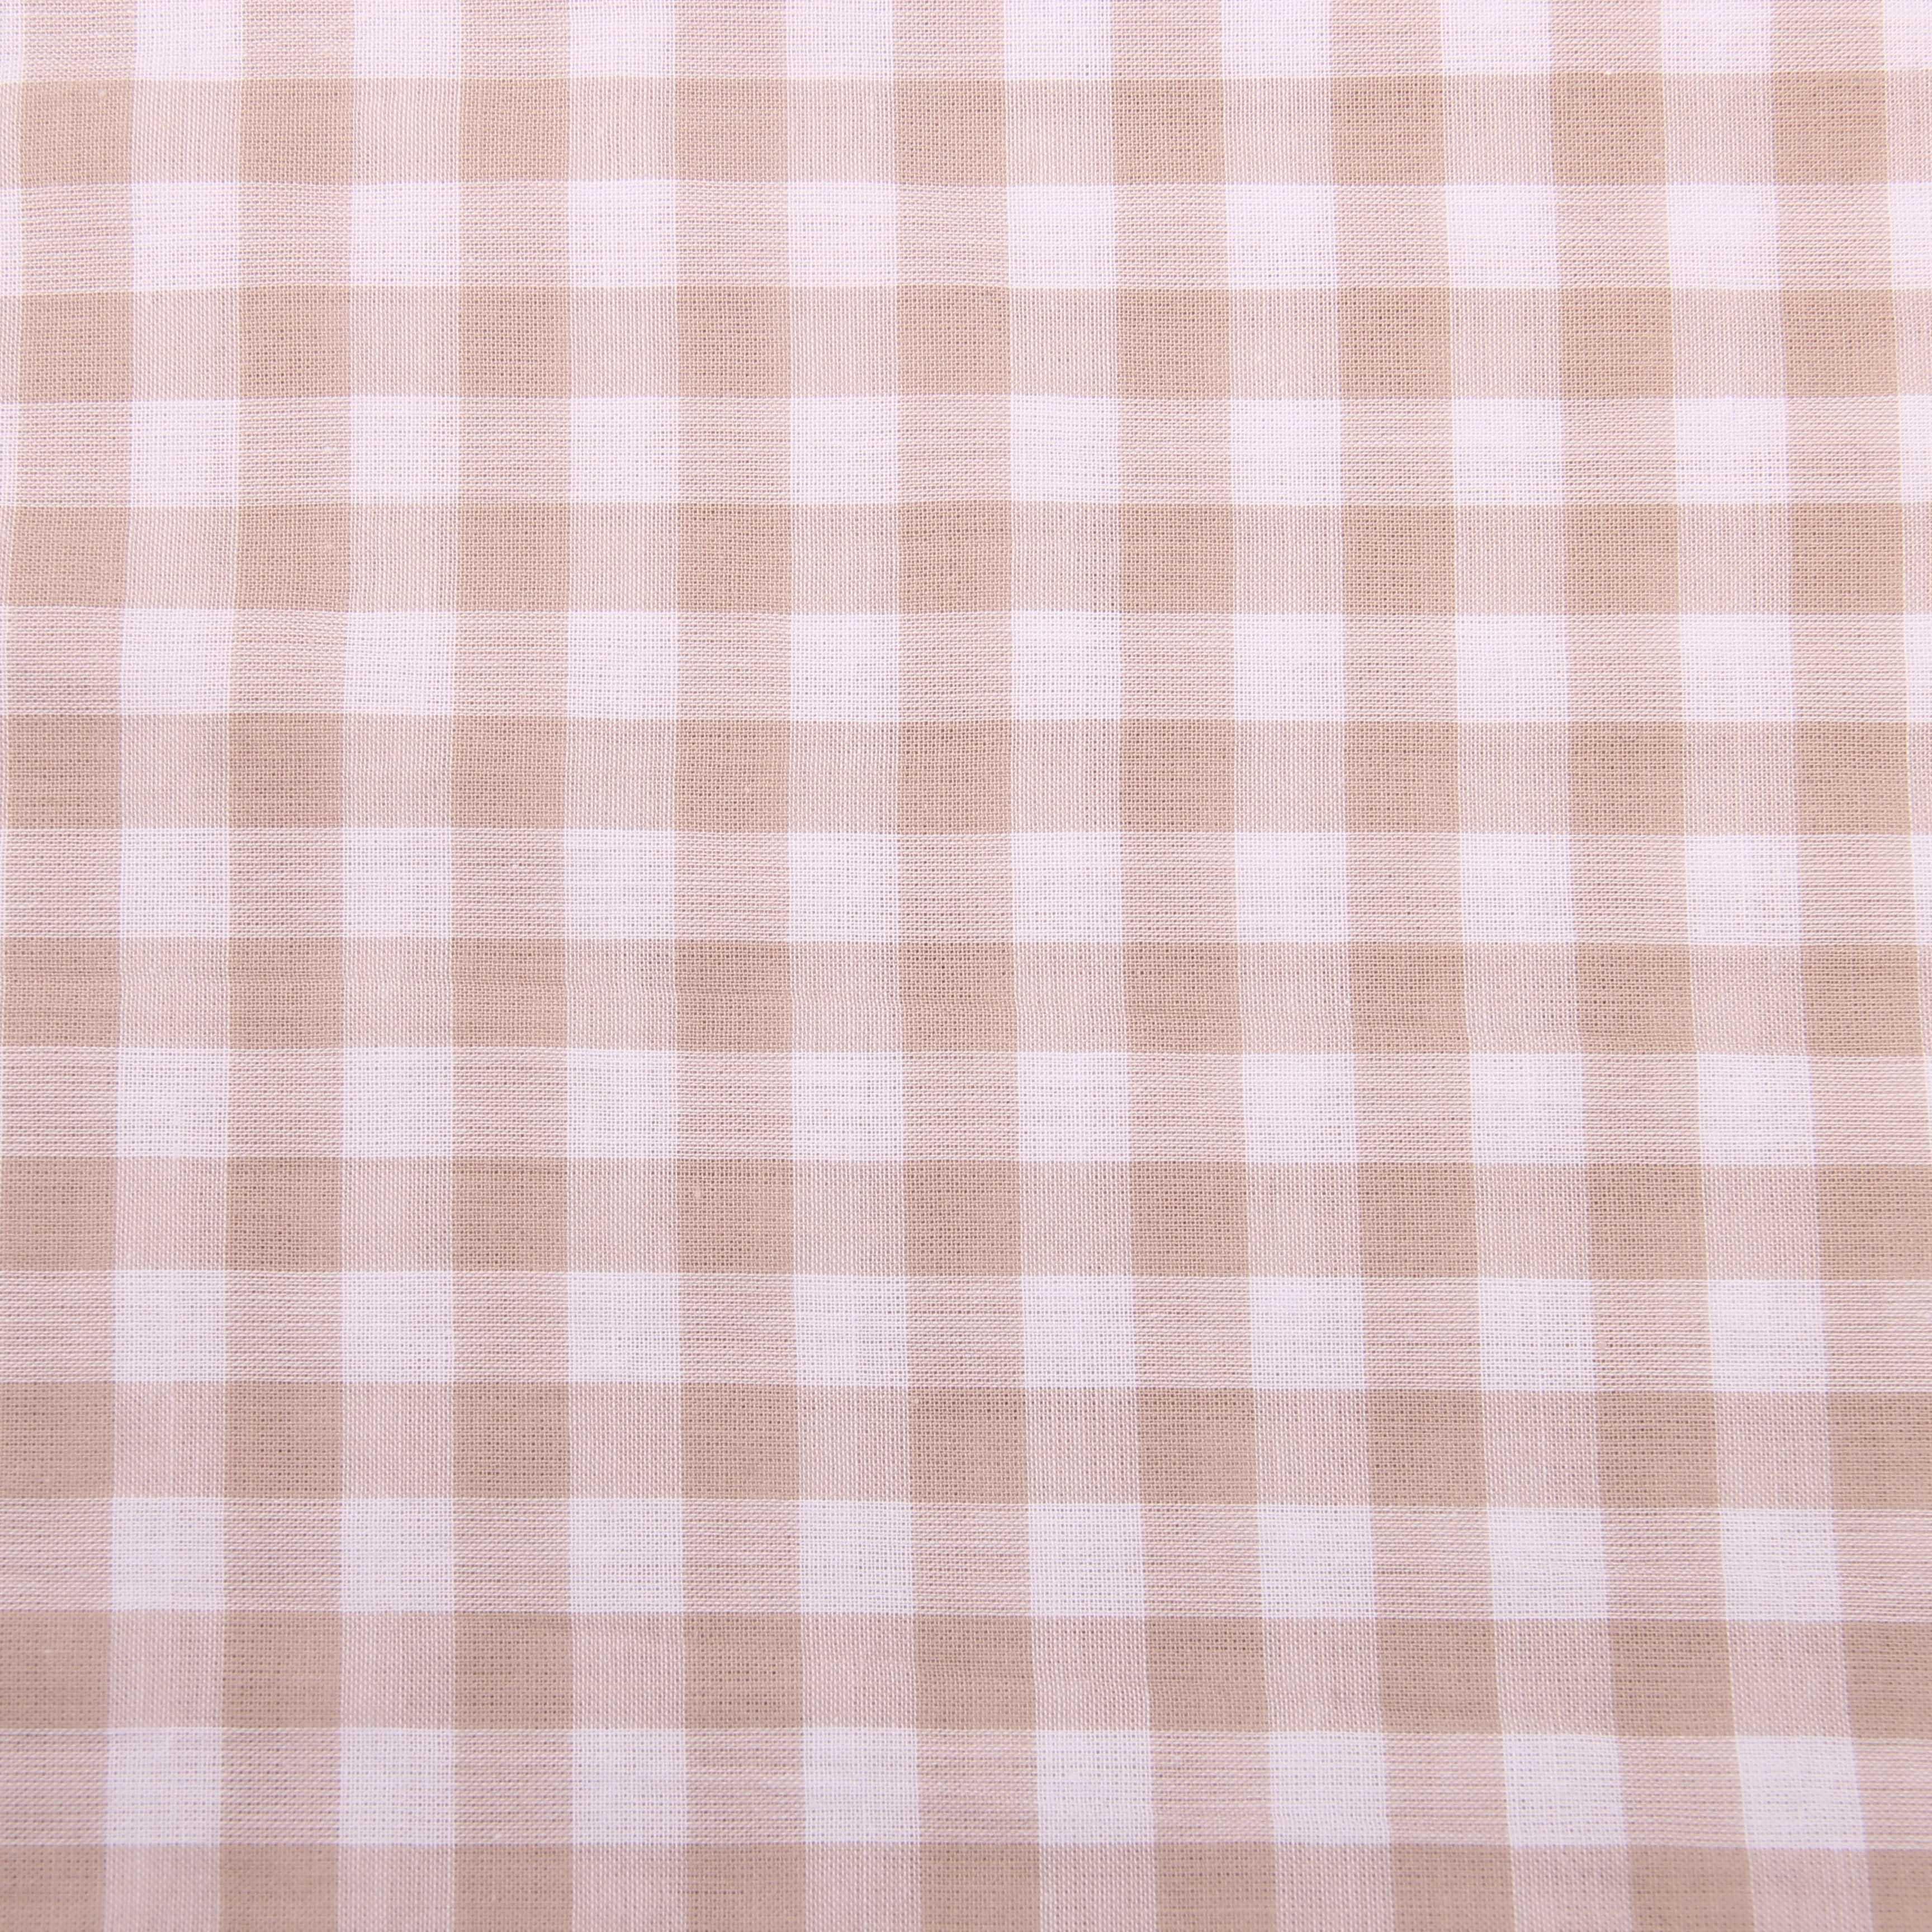 Пряжа окрашенная тканая клетчатая четырехсторонняя тянущаяся хлопчатобумажная ткань спандекс Япония и Южная Корея трендовая Мода Классическая Чаоян клетка